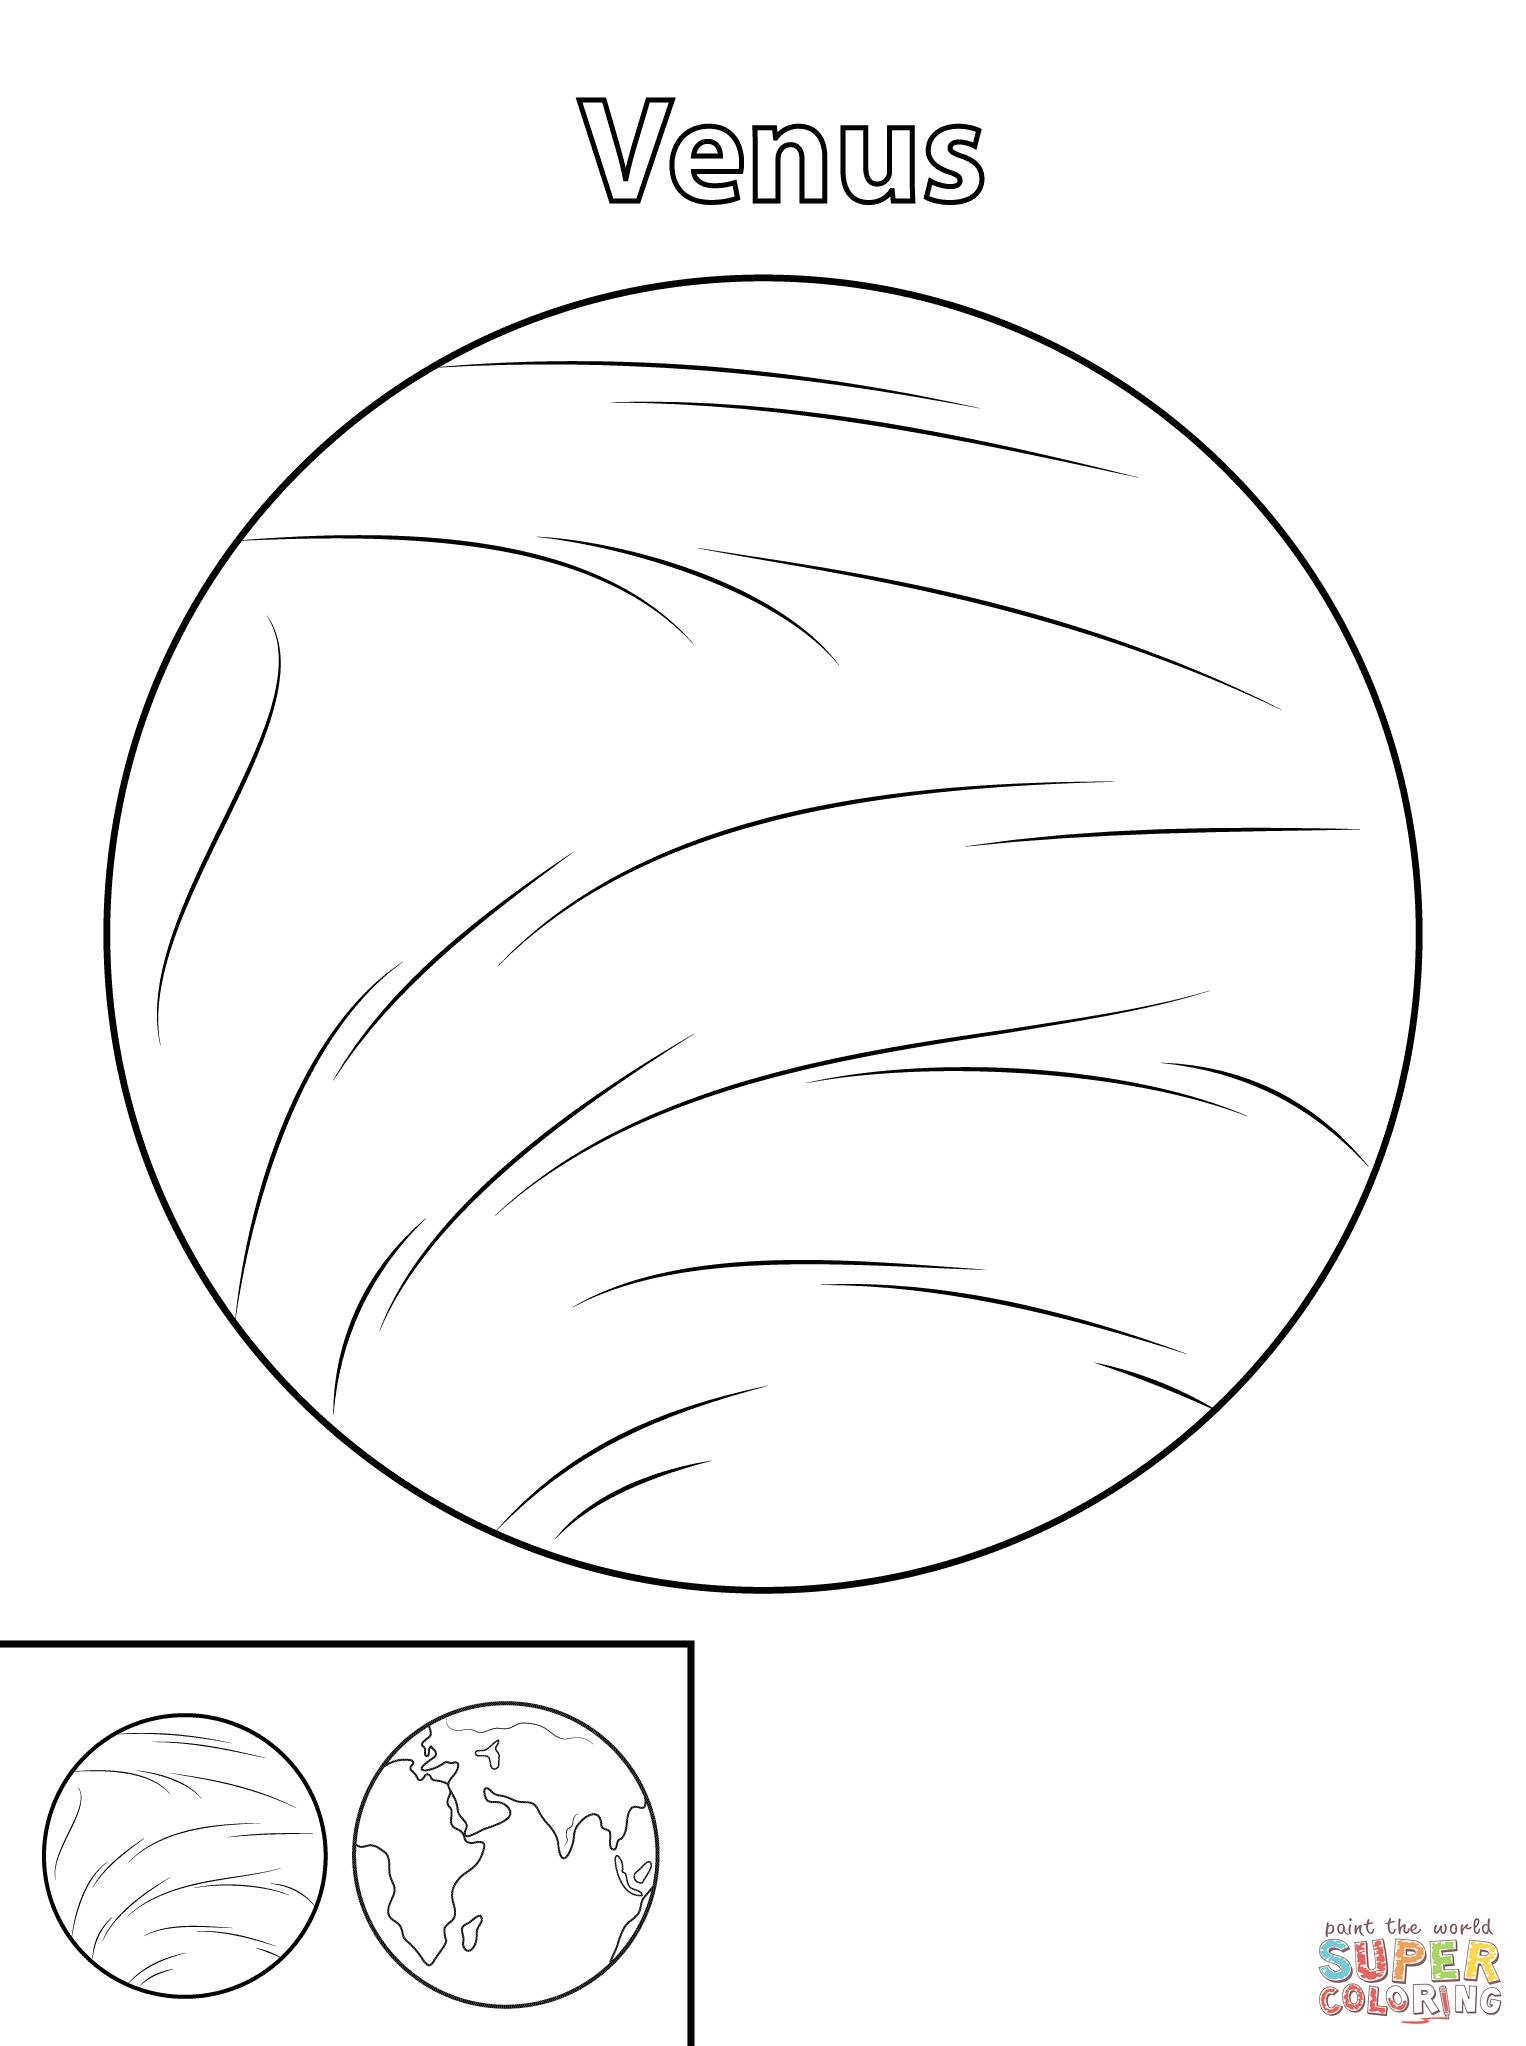 Venus Planet Coloring Page